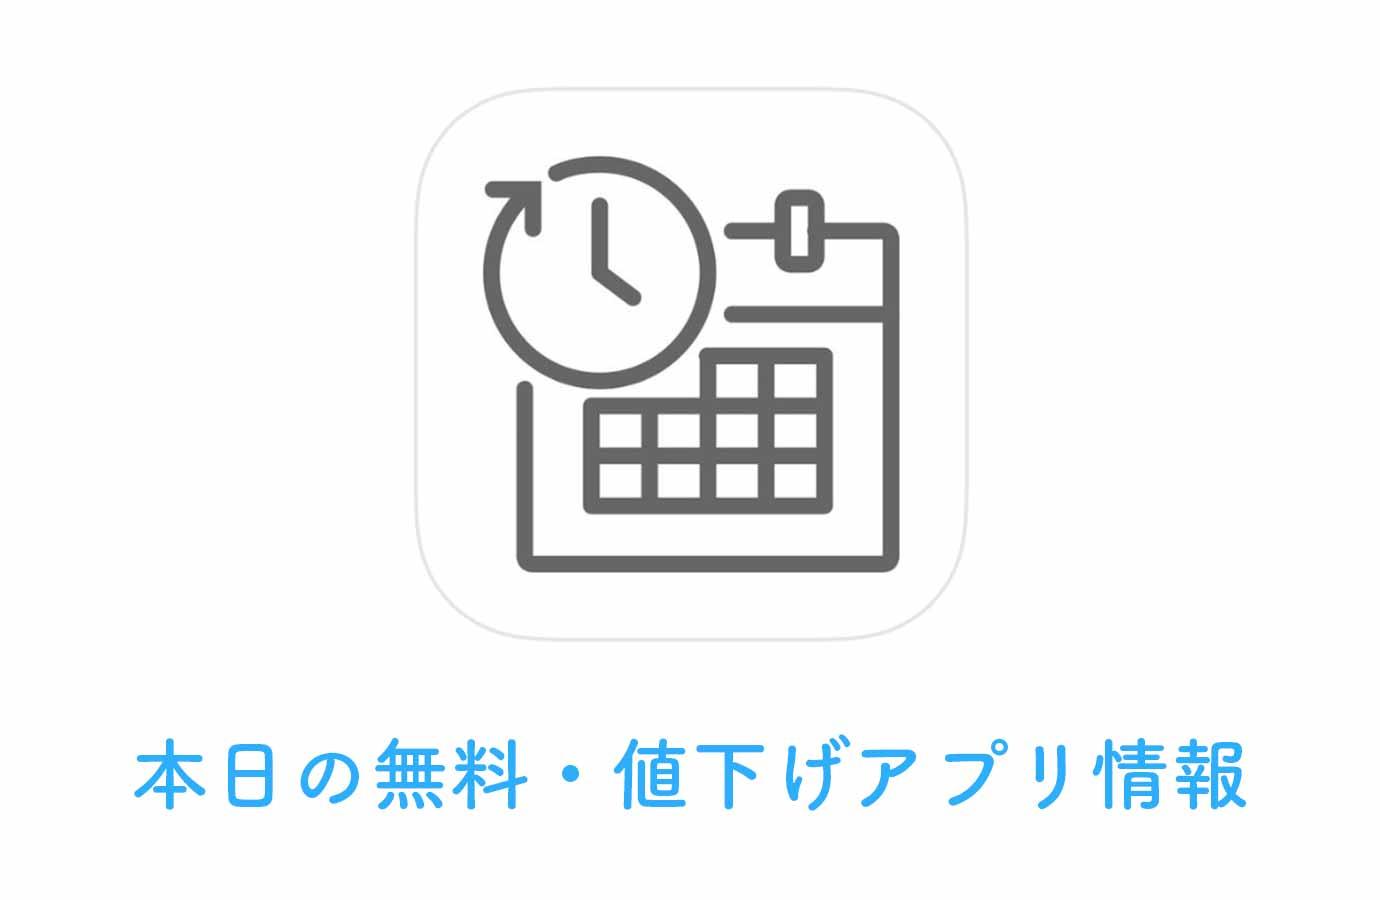 120円→無料!設定した日までをカウントダウンしてくれる「Countdown+」など【2/1】本日の無料・値下げアプリ情報